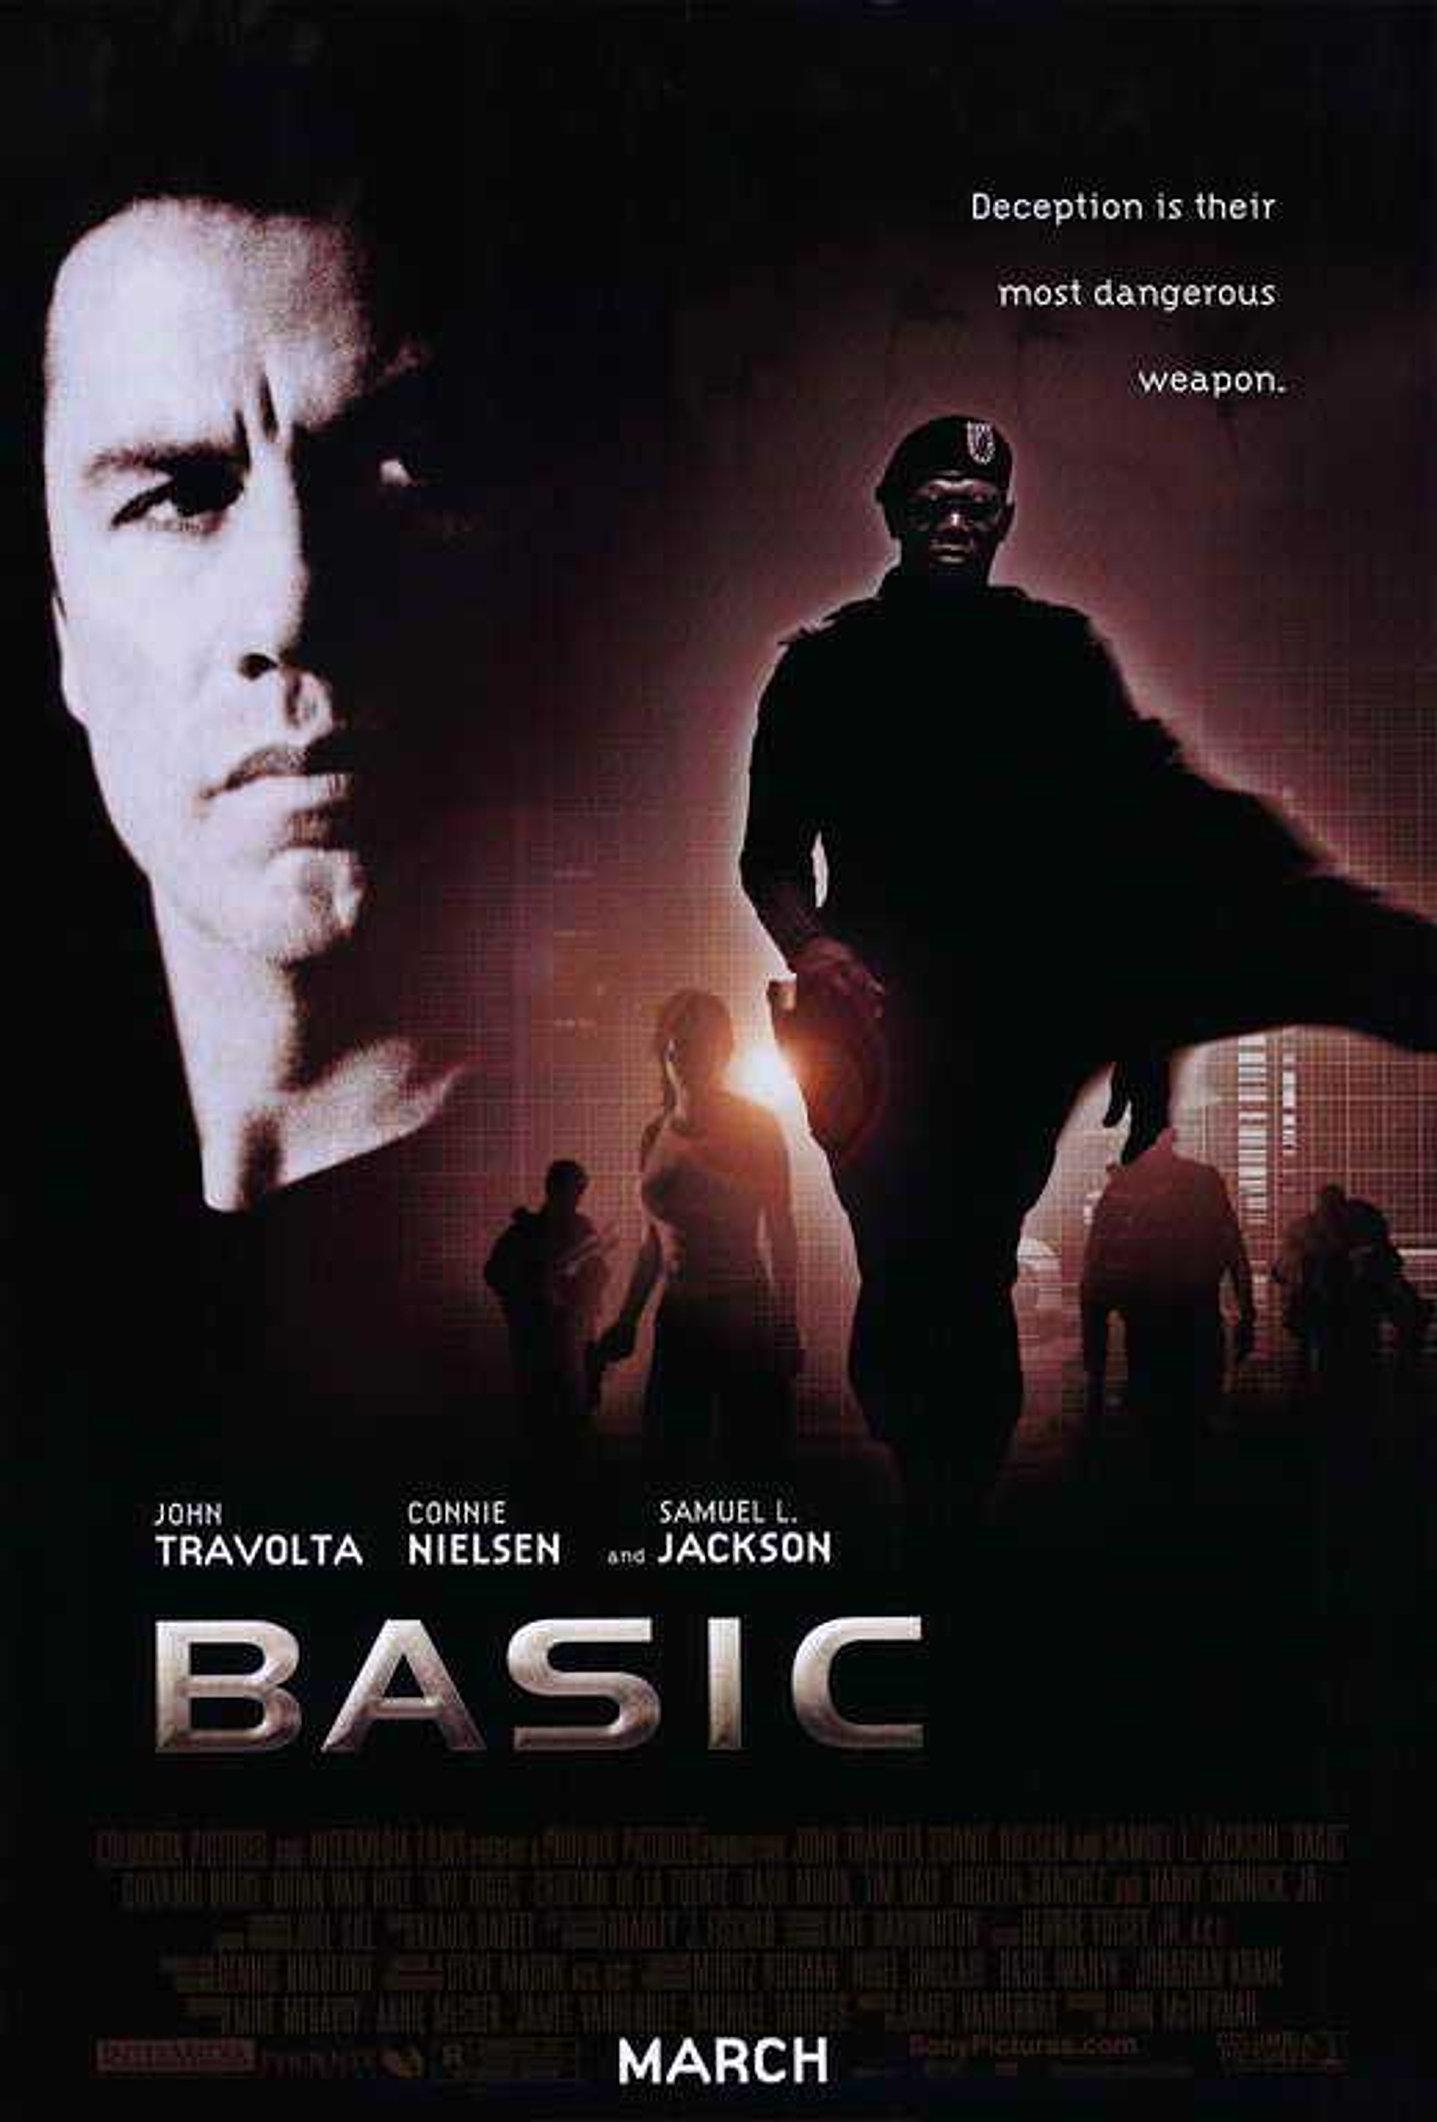 basic-movie-poster-2003-1020214347